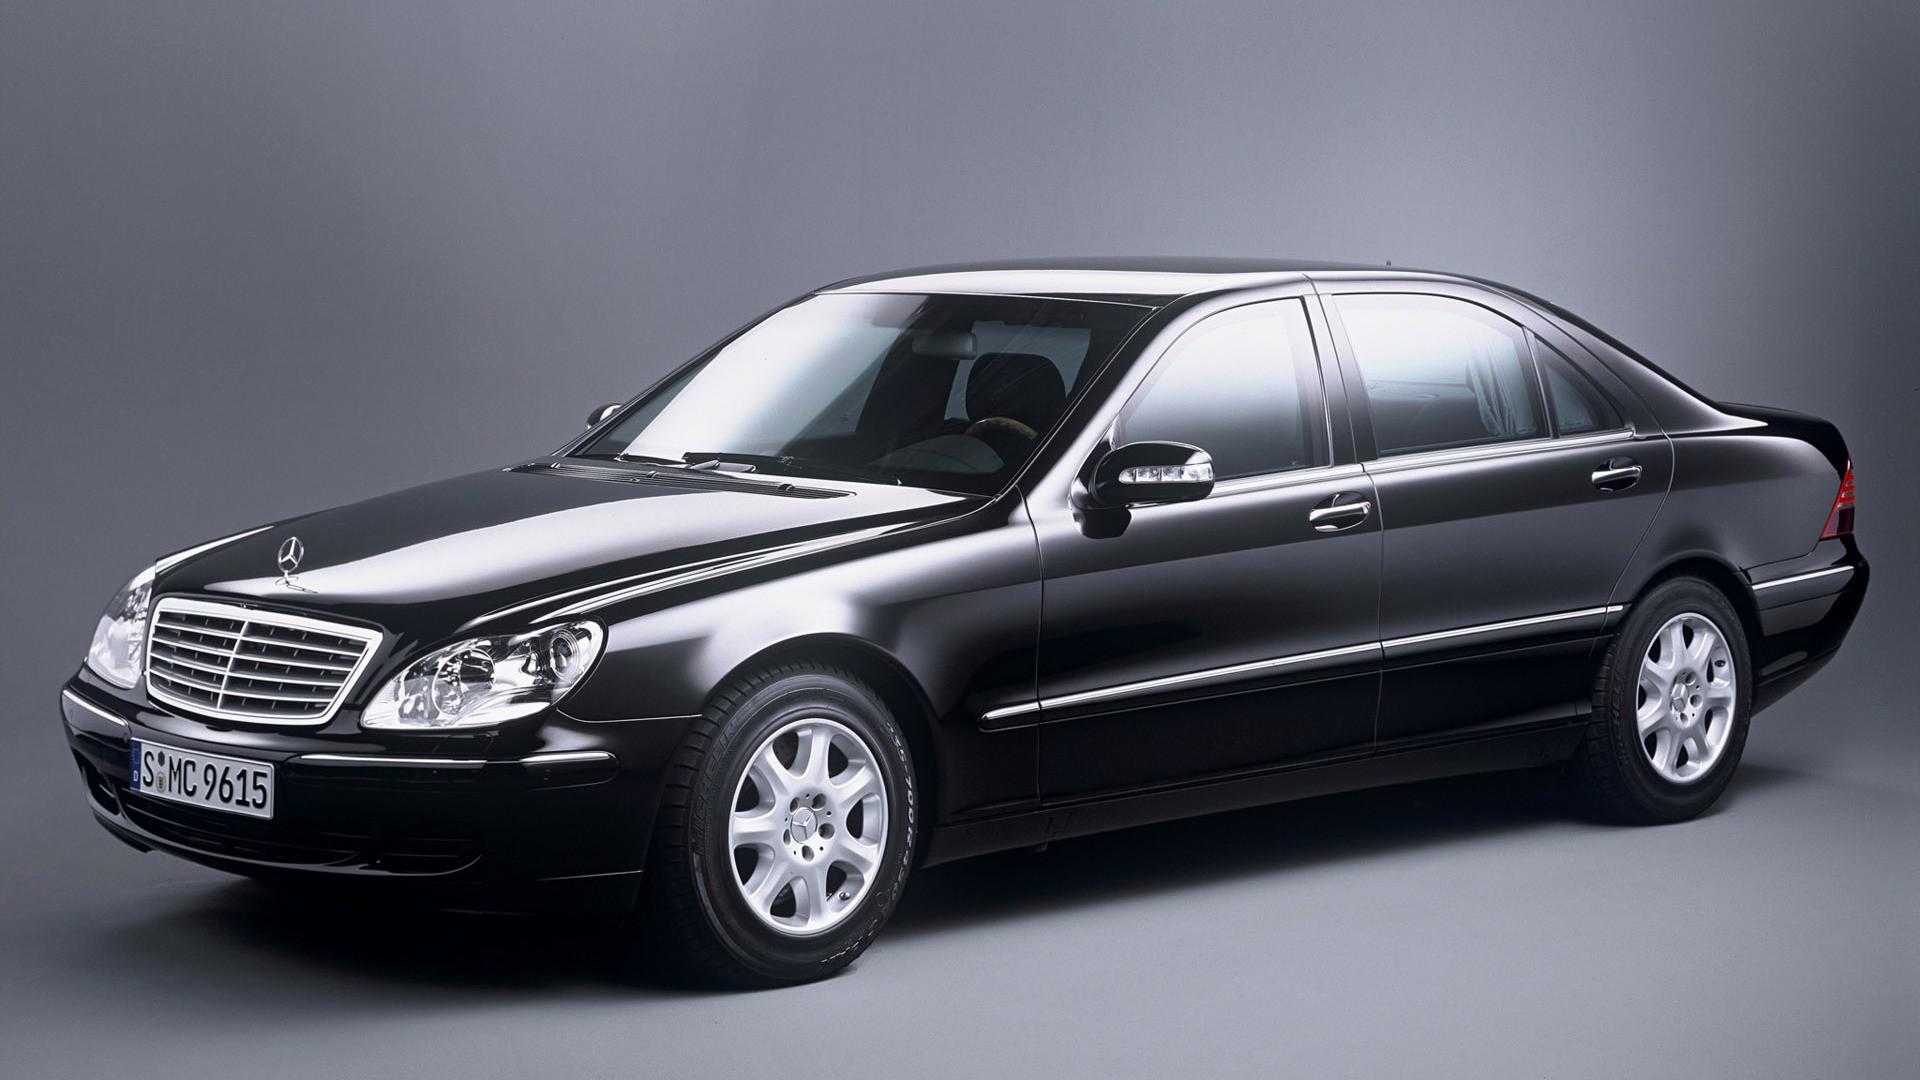 Автомобили марки Мерседес-Бенс стали наиболее популярными у жителей столицы навторичном рынке